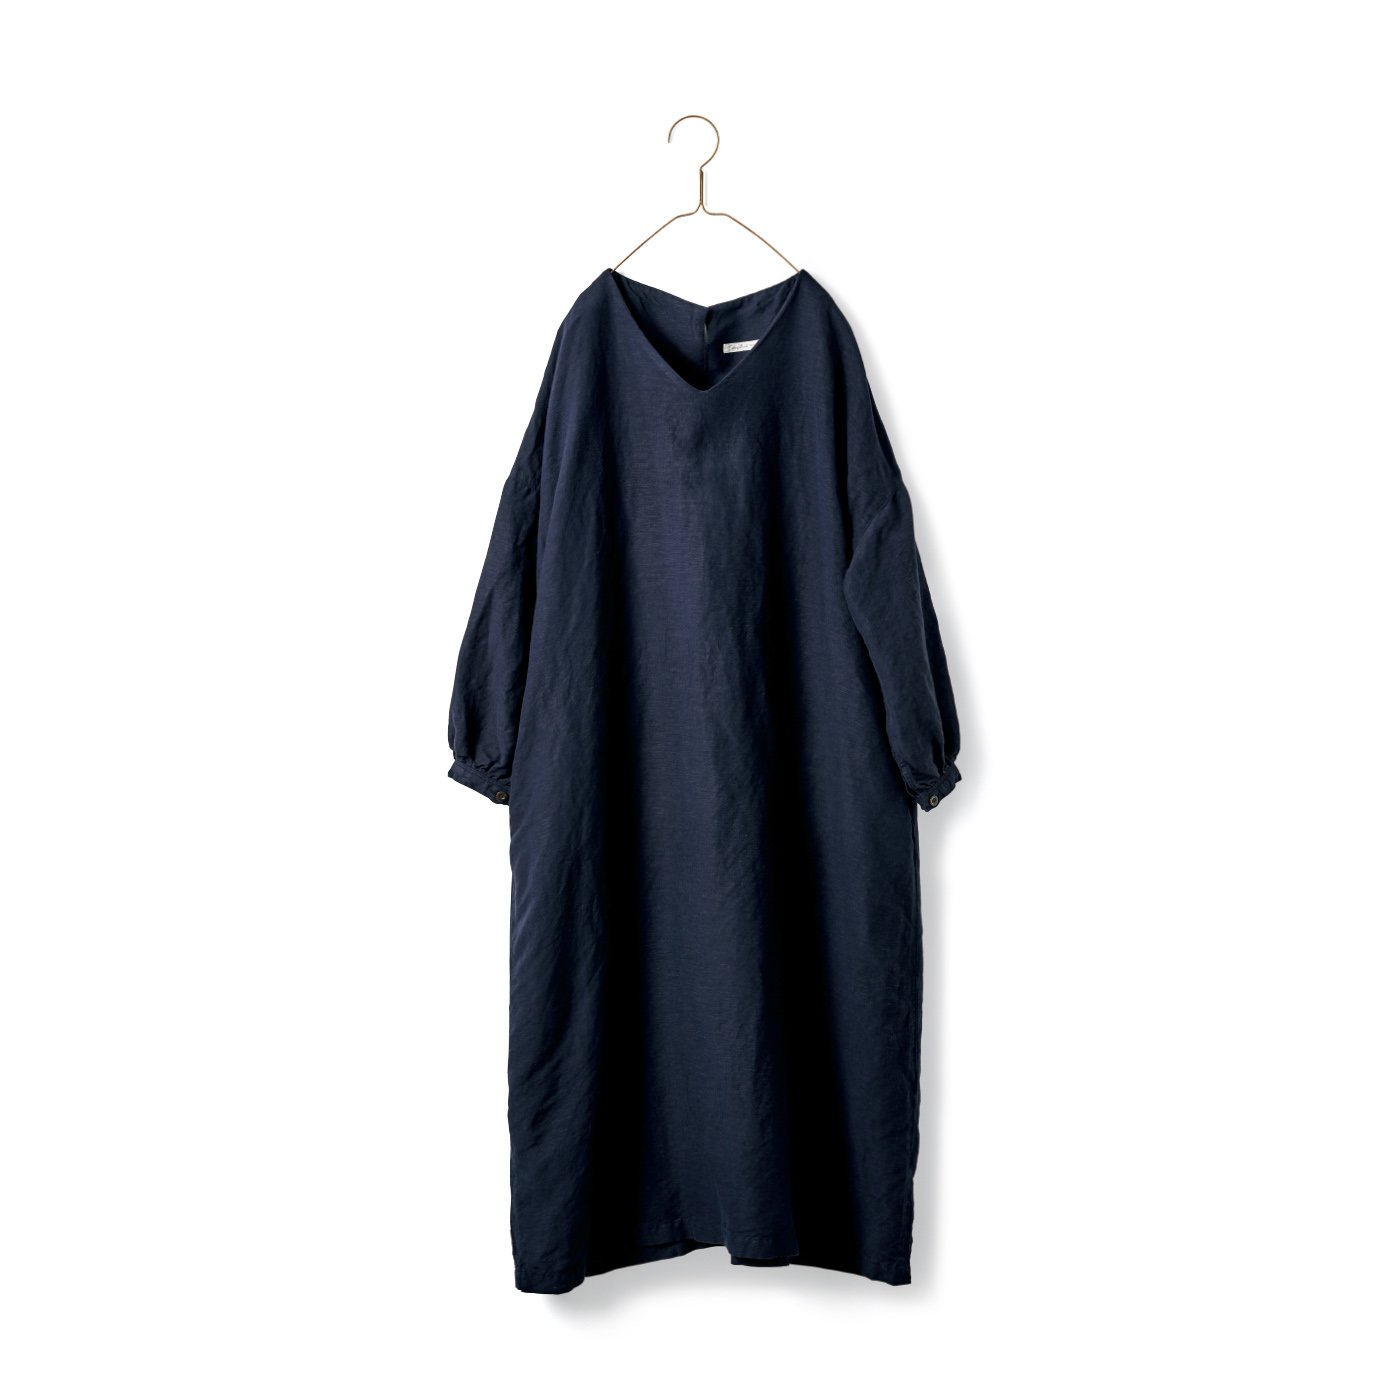 サニークラウズ Vネックのサックドレス〈レディース〉ネイビー